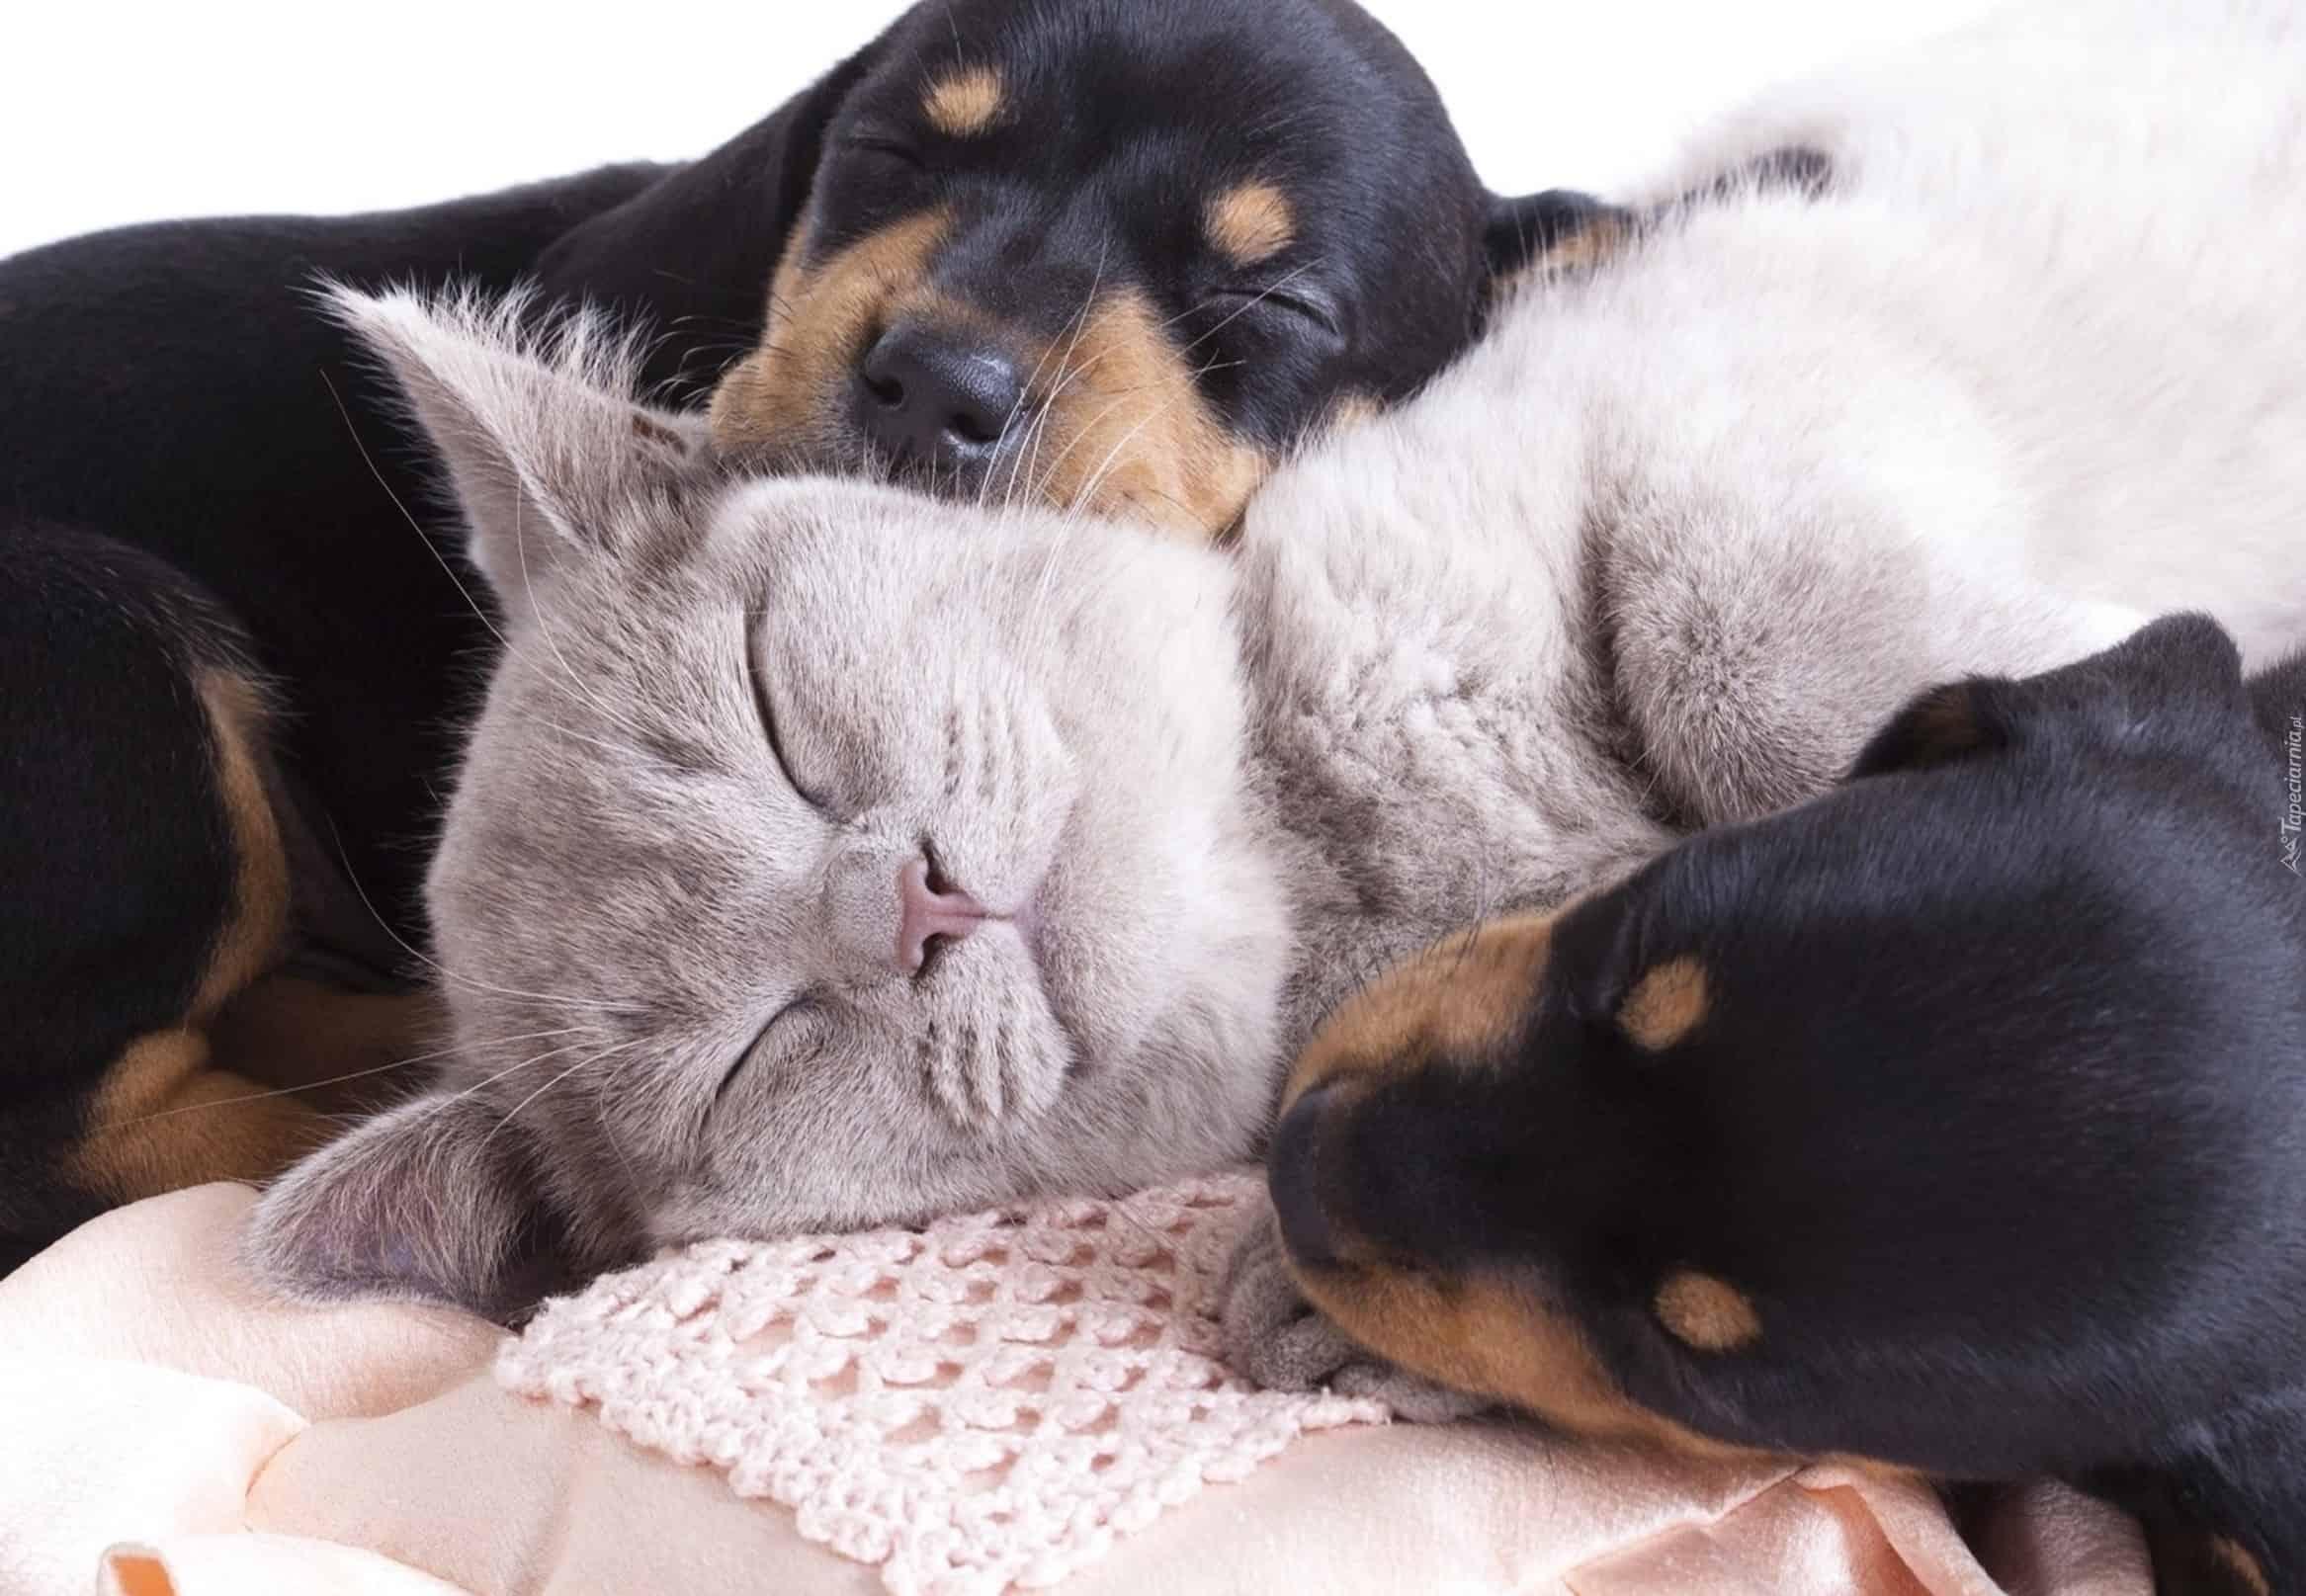 Habár a kutyák ösztönei számos tekintetben változtak, idomultak az emberek közötti élethez, nem vesztek el belőlük. Amikor a kutyánk meglát az erdőben egy állatot és nem jön vissza hozzánk, hiába hívjuk, azért van, mert épp a zsákmányszerő ösztön dolgozik benne, s valójában meg sem hallja a hangunkat.